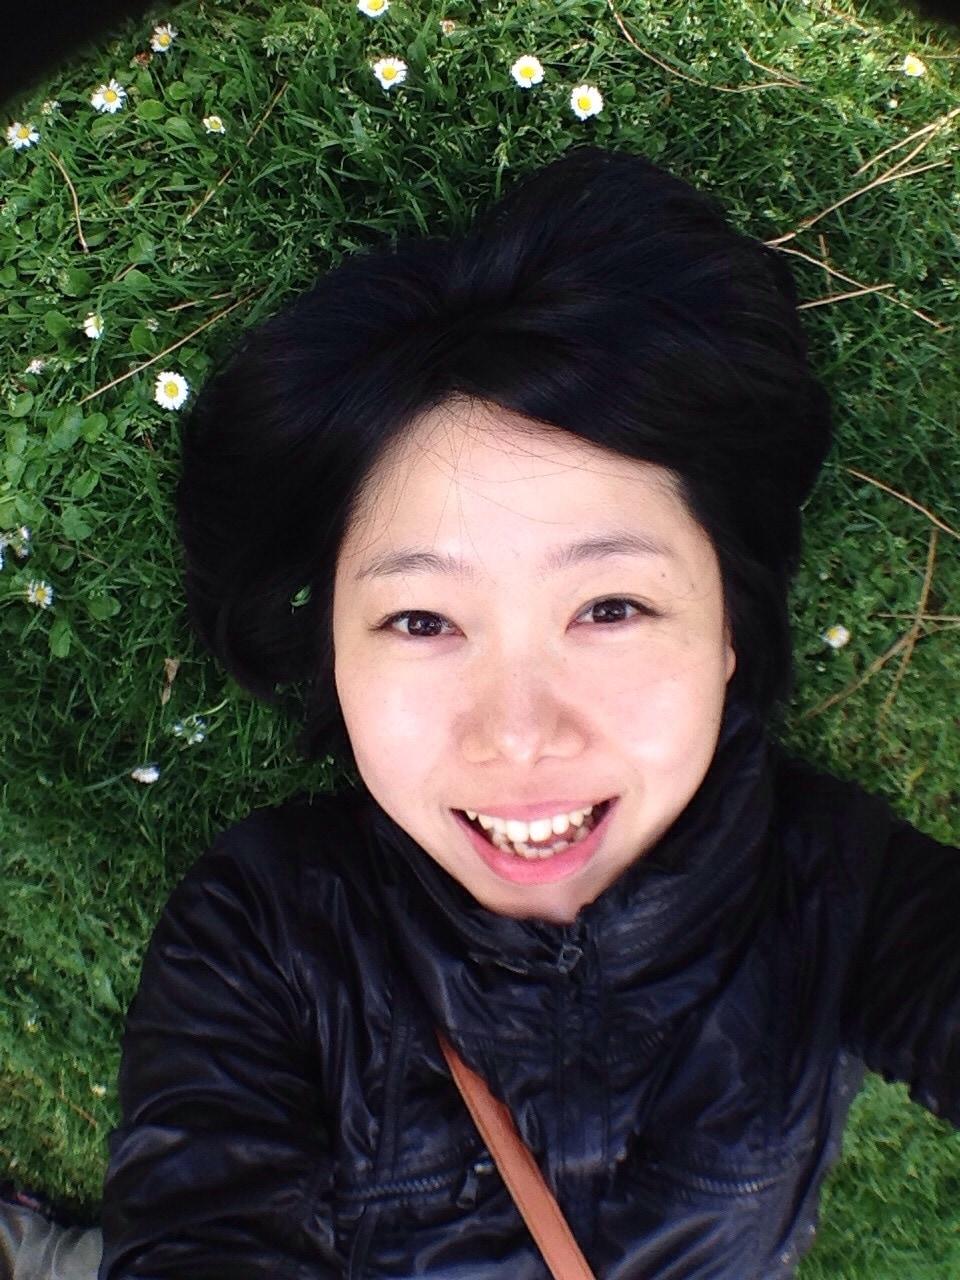 Sunwoo from Mapo-gu